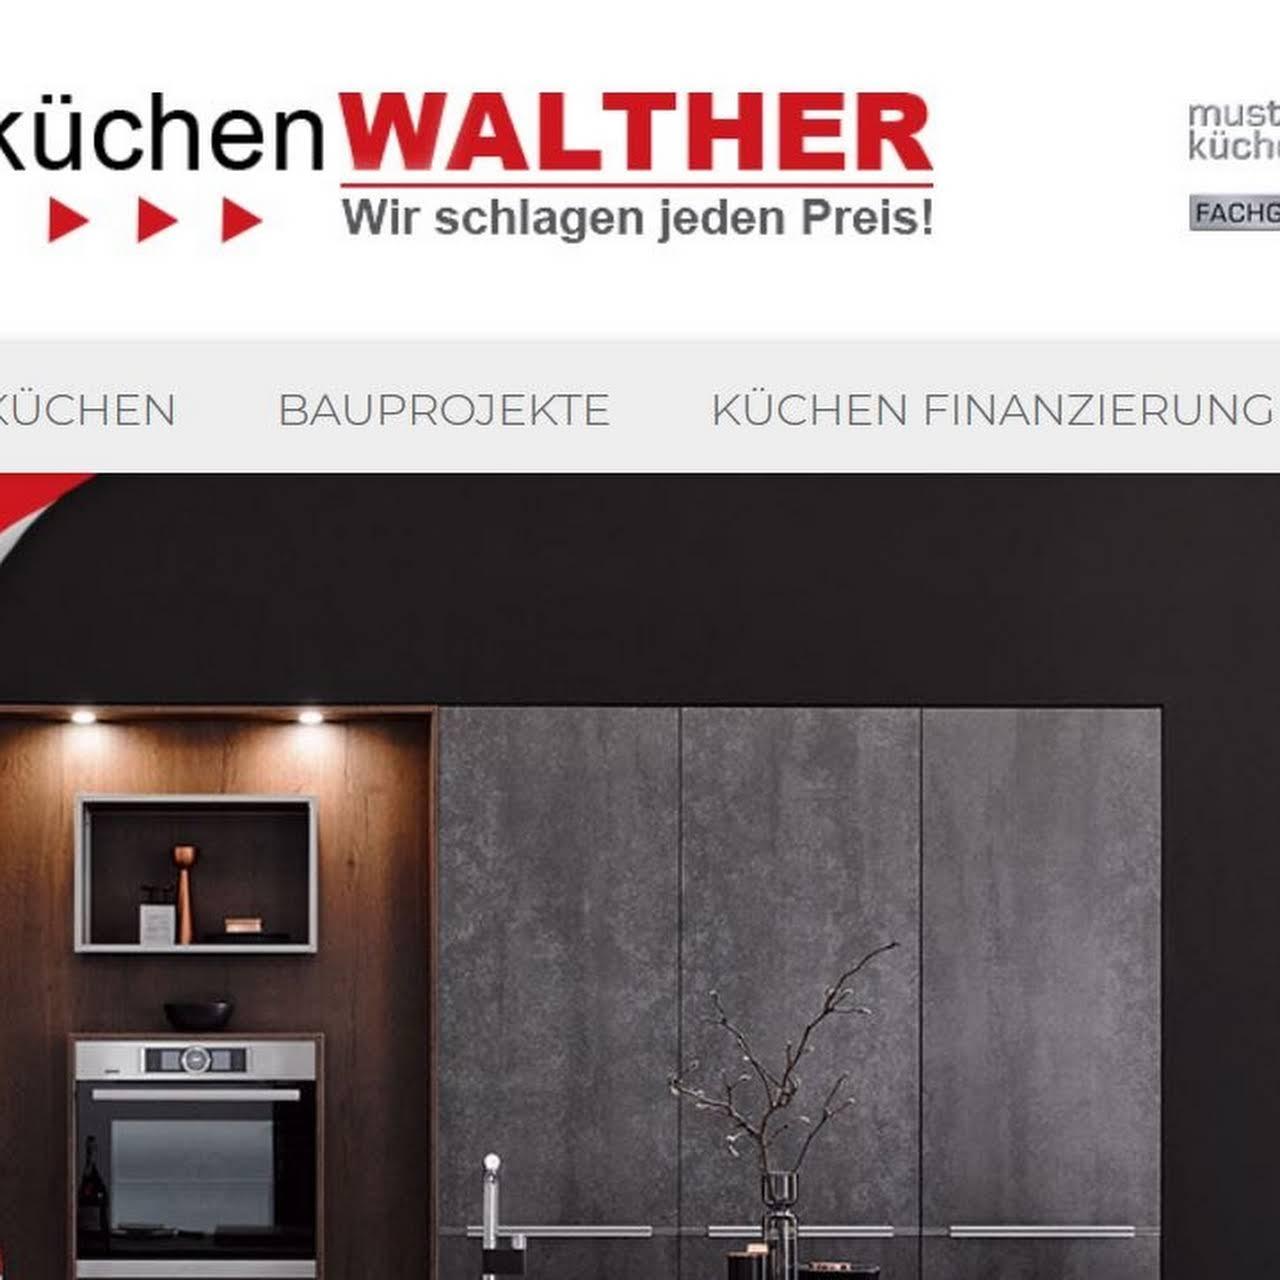 Kuchen Walther Bad Vilbel Offnungszeiten Caseconrad Com